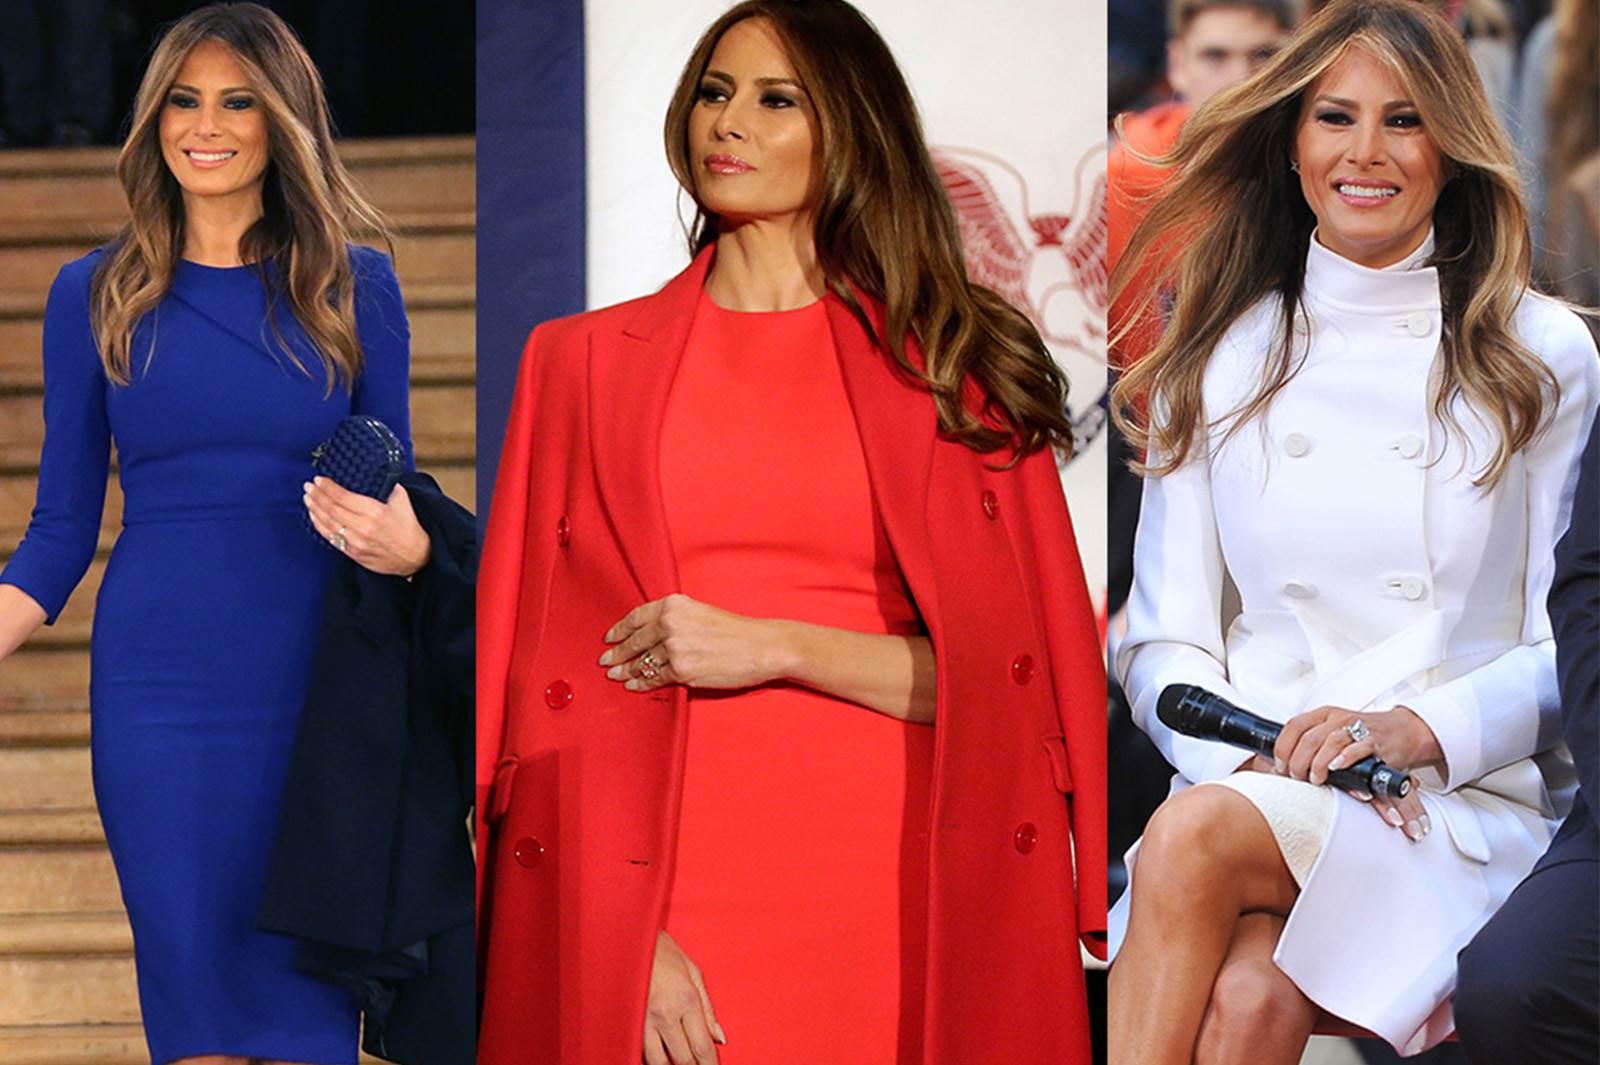 First Lady Melanie Trump'ın zamansız stili